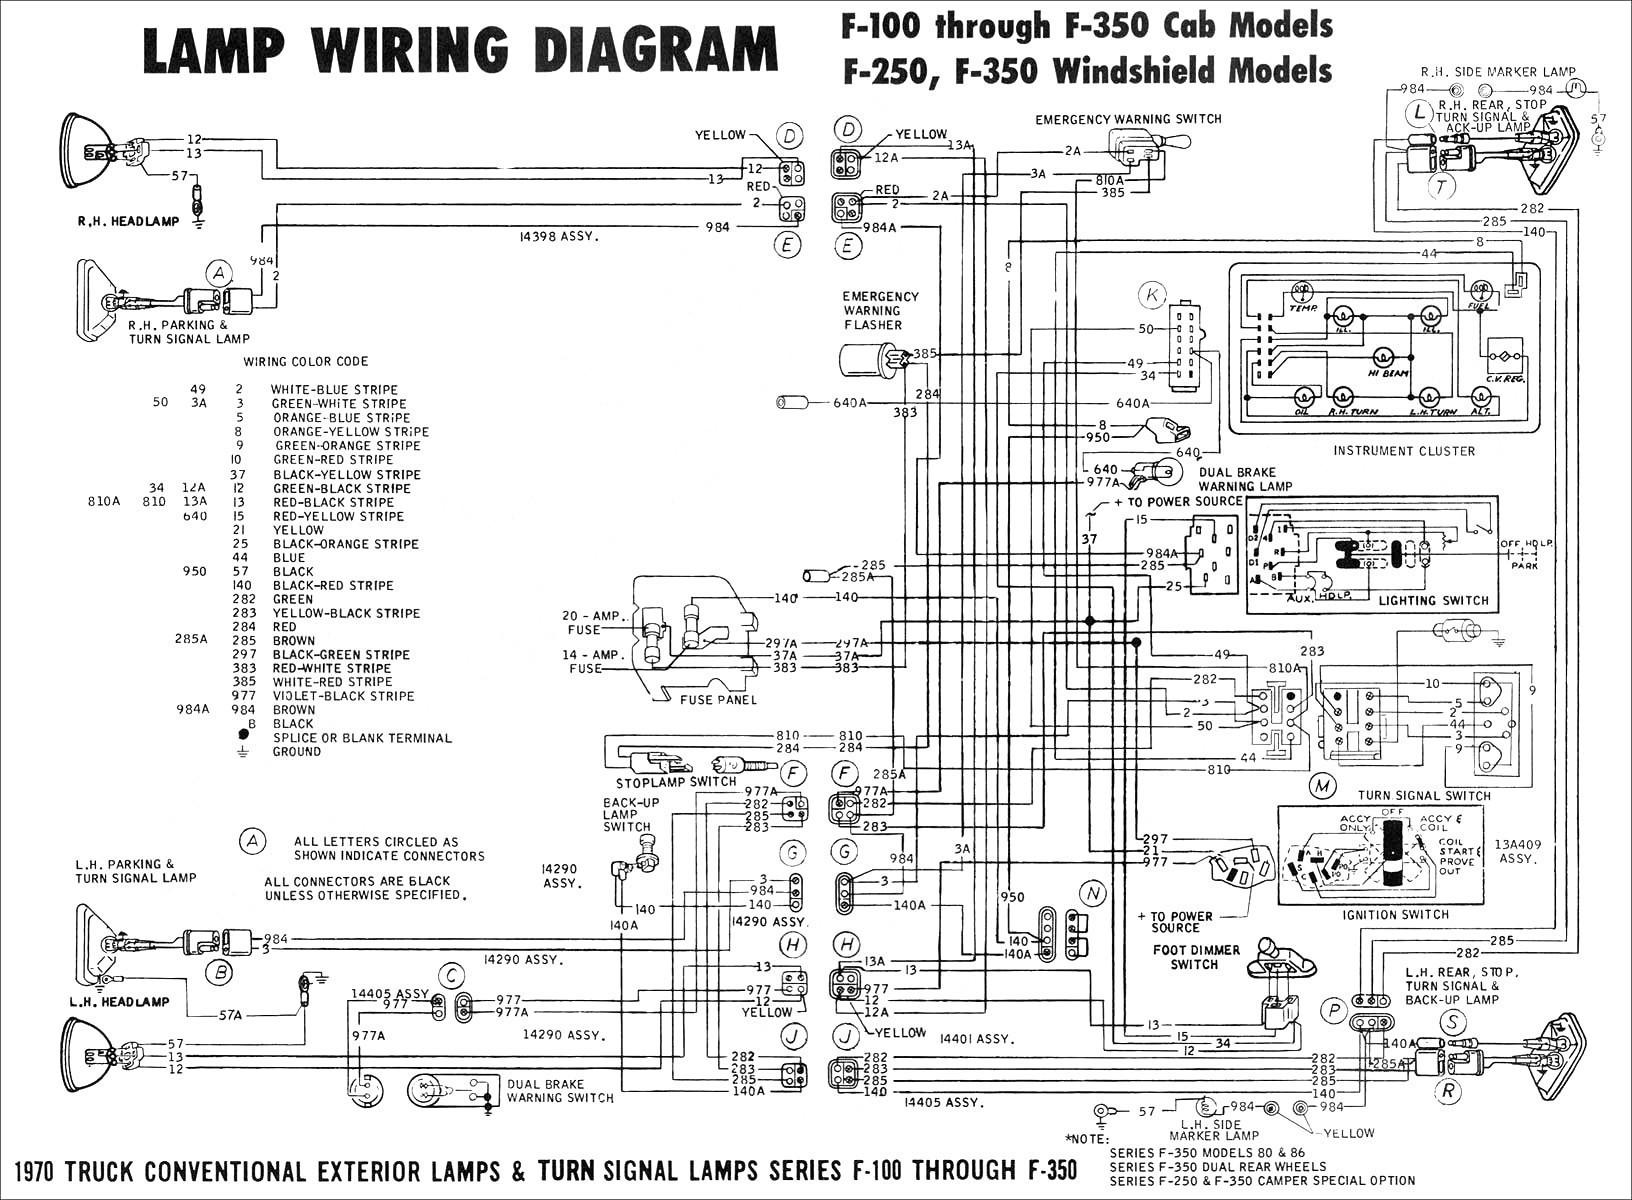 apy wiring diagram audi wiring data diagram1997 audi wiring diagram manual guide wiring diagram electrical diagram 2002 audi a6 99 audi wiring